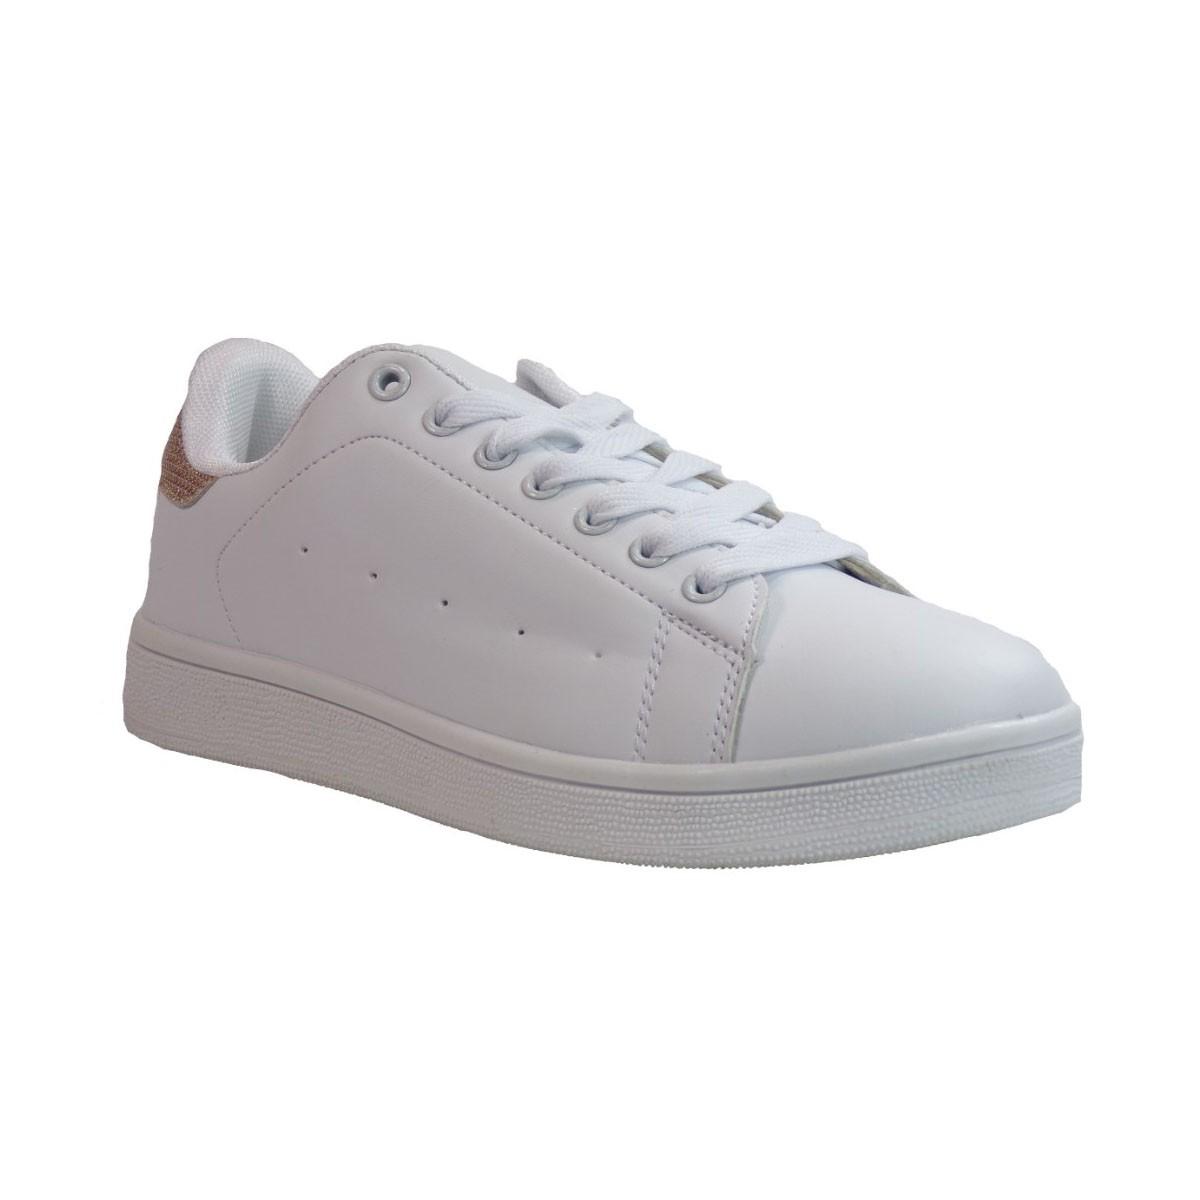 Bagiota shoes Sneakers Παπούτσια Γυναικεία B2588-7 Άσπρο Χρυσό Bagiota shoes B2588-7 Άσπρο